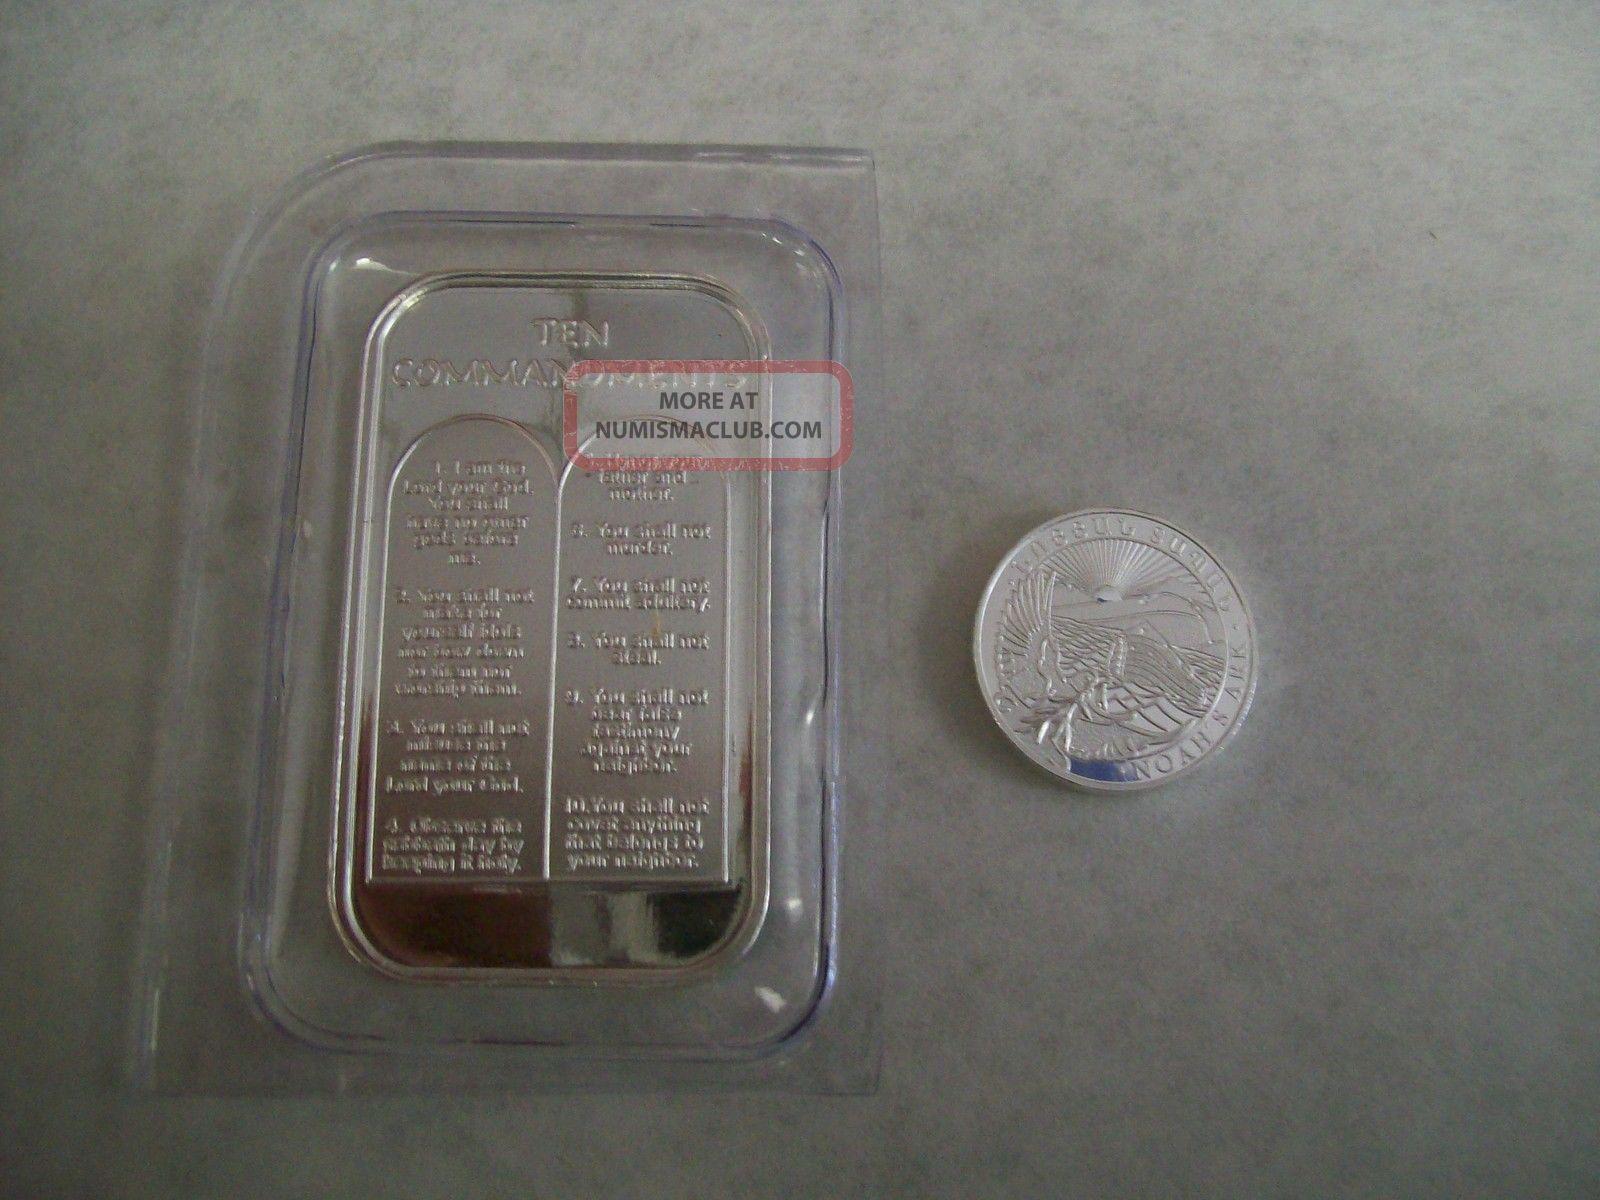 1oz Ten 10 Commandments 999 Pure Silver Bar Bible Money